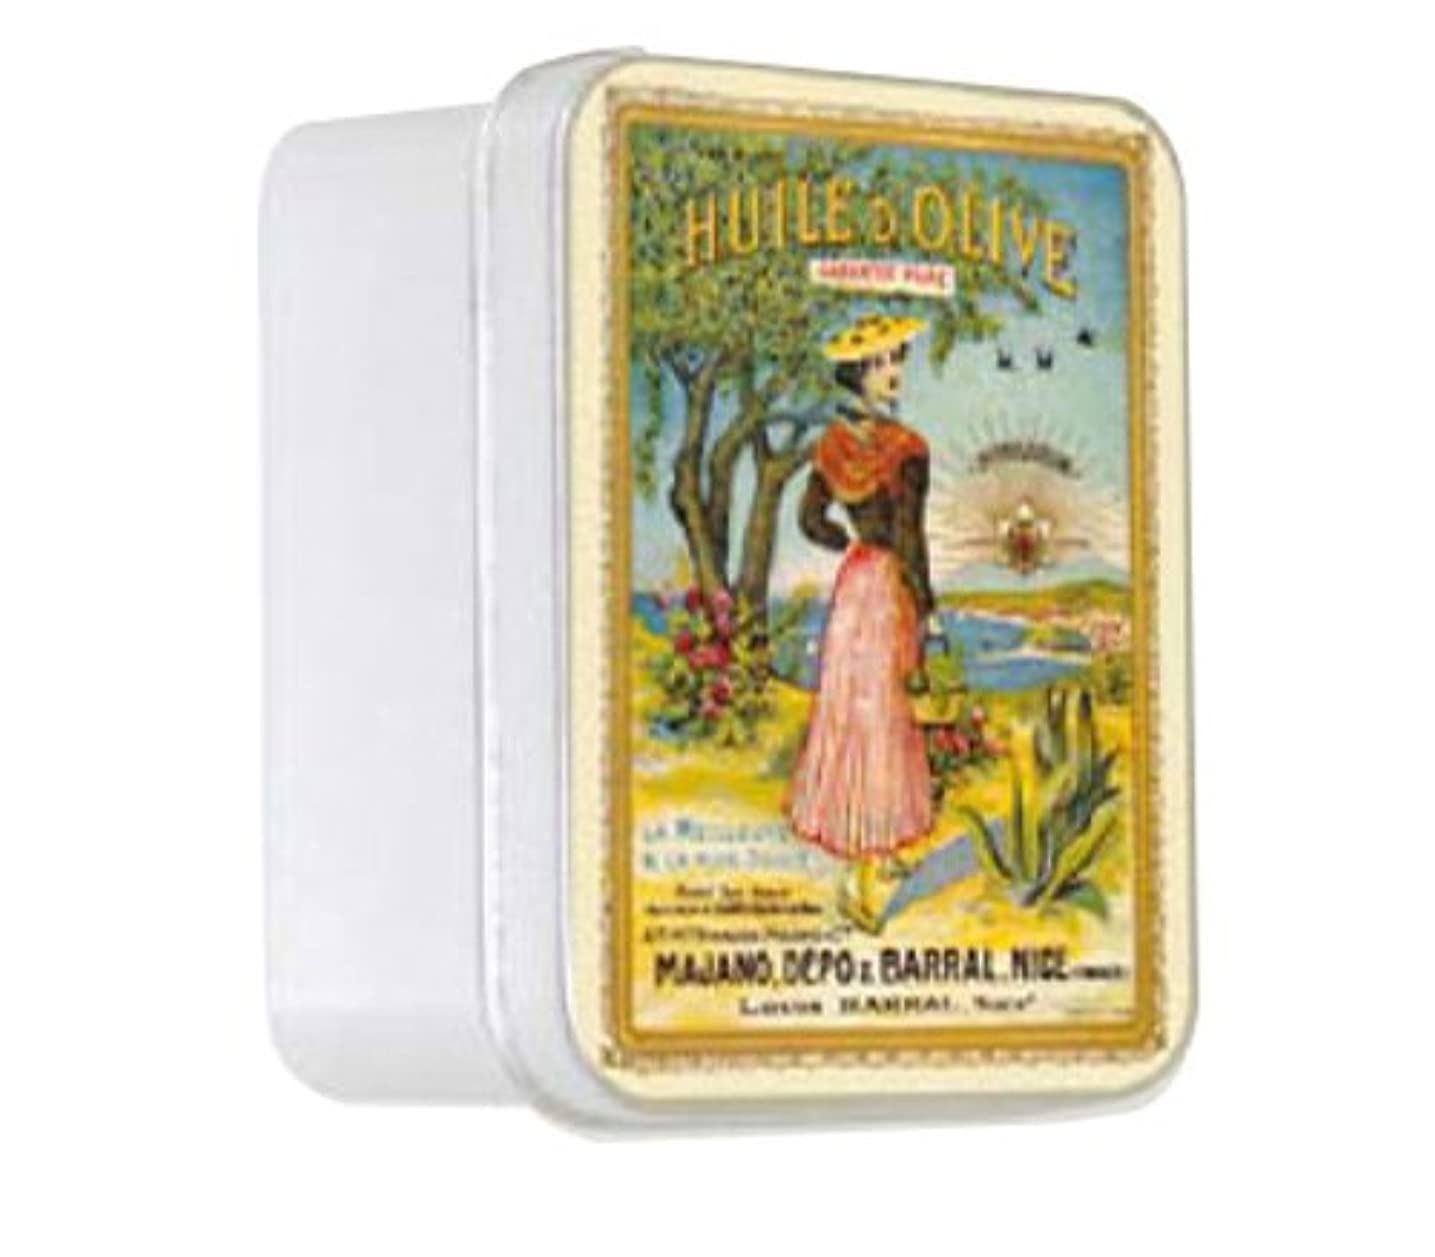 コンプリートラリーなめらかルブランソープ メタルボックス(ラ ニソワーズ?オリーブの香り)石鹸